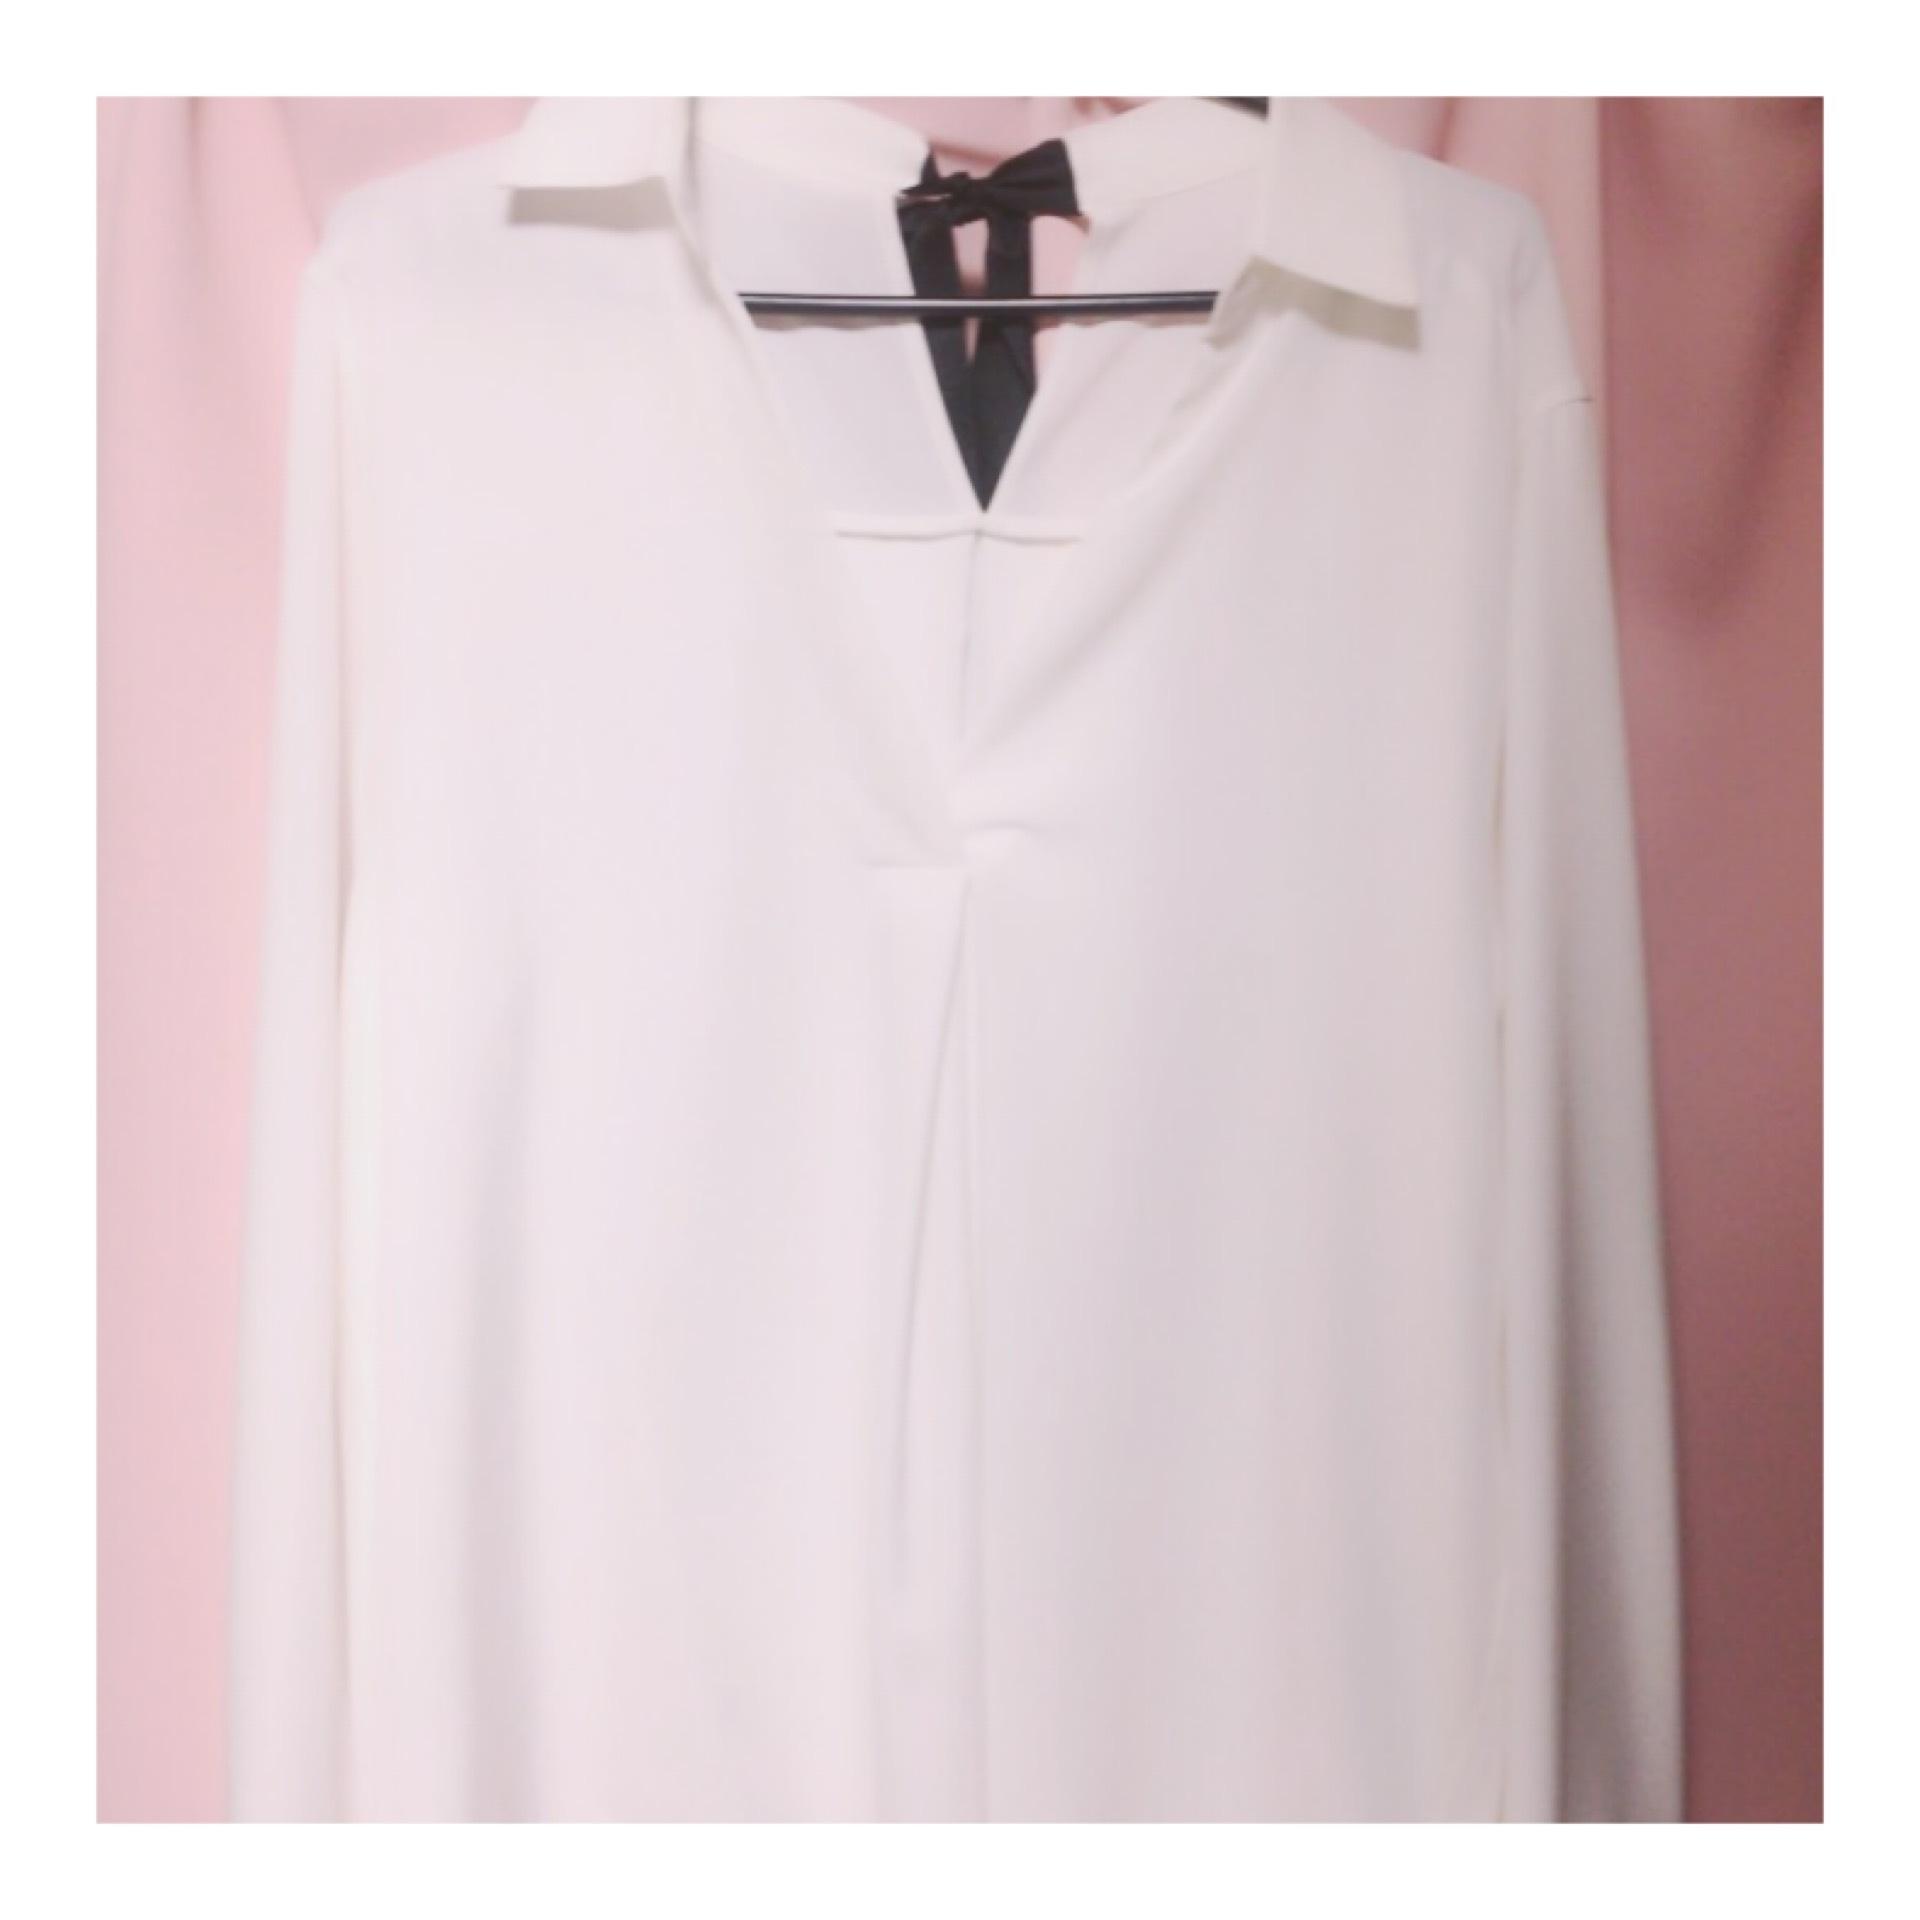 スキッパーシャツ+バックデザイン♩《INGNI リボンスキッパーシャツ》_1_3